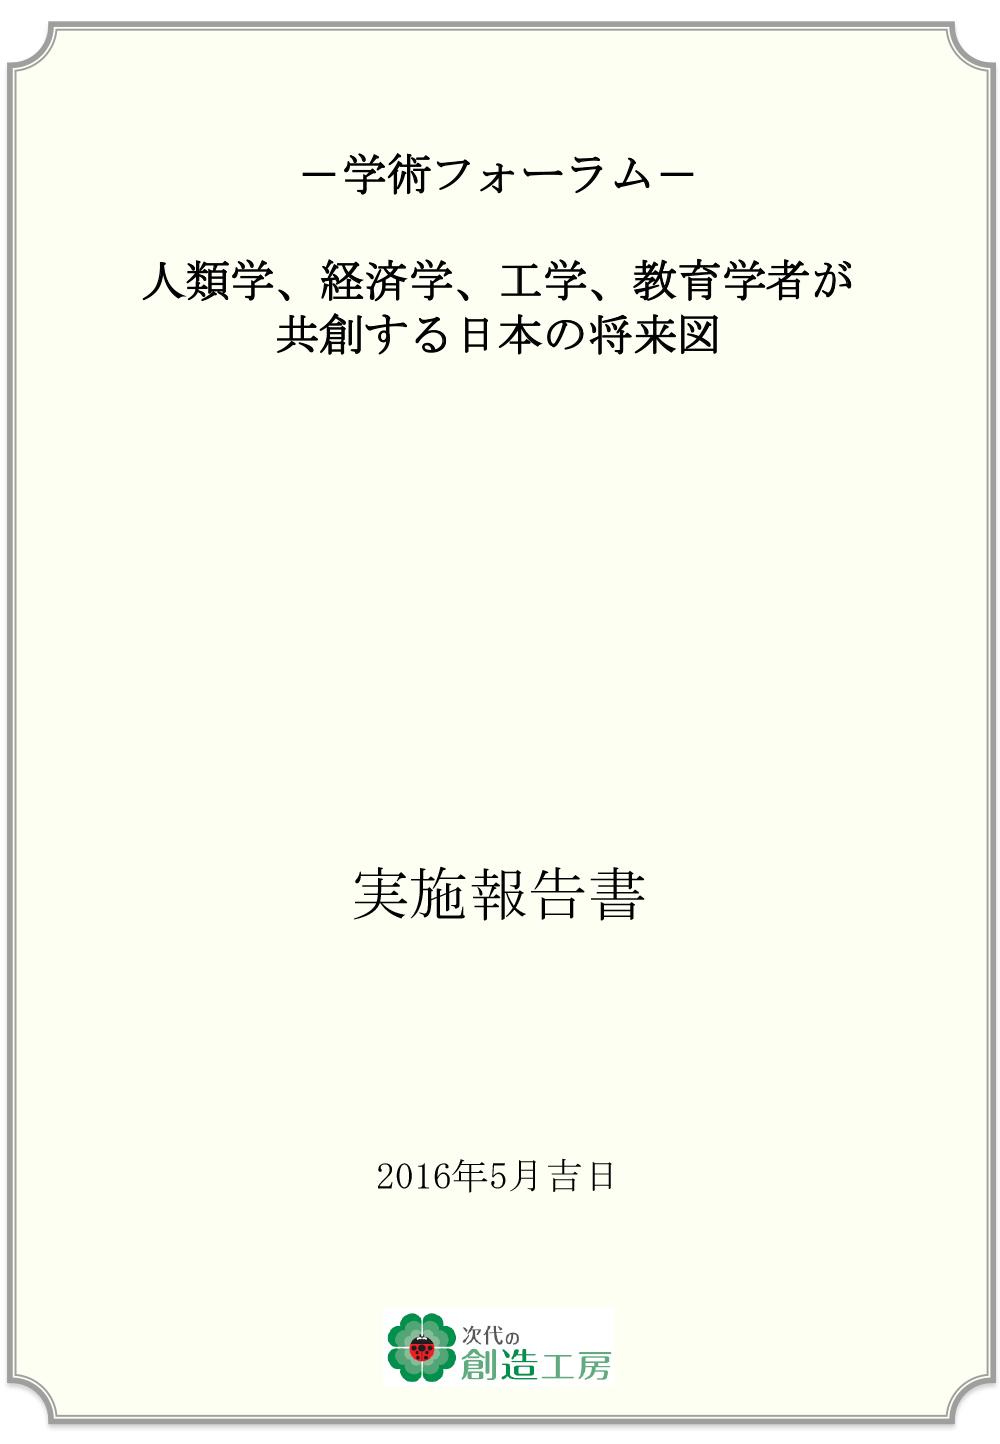 第1回学術フォーラム 人類学、経済学、工学、教育学者が共創する日本の将来図